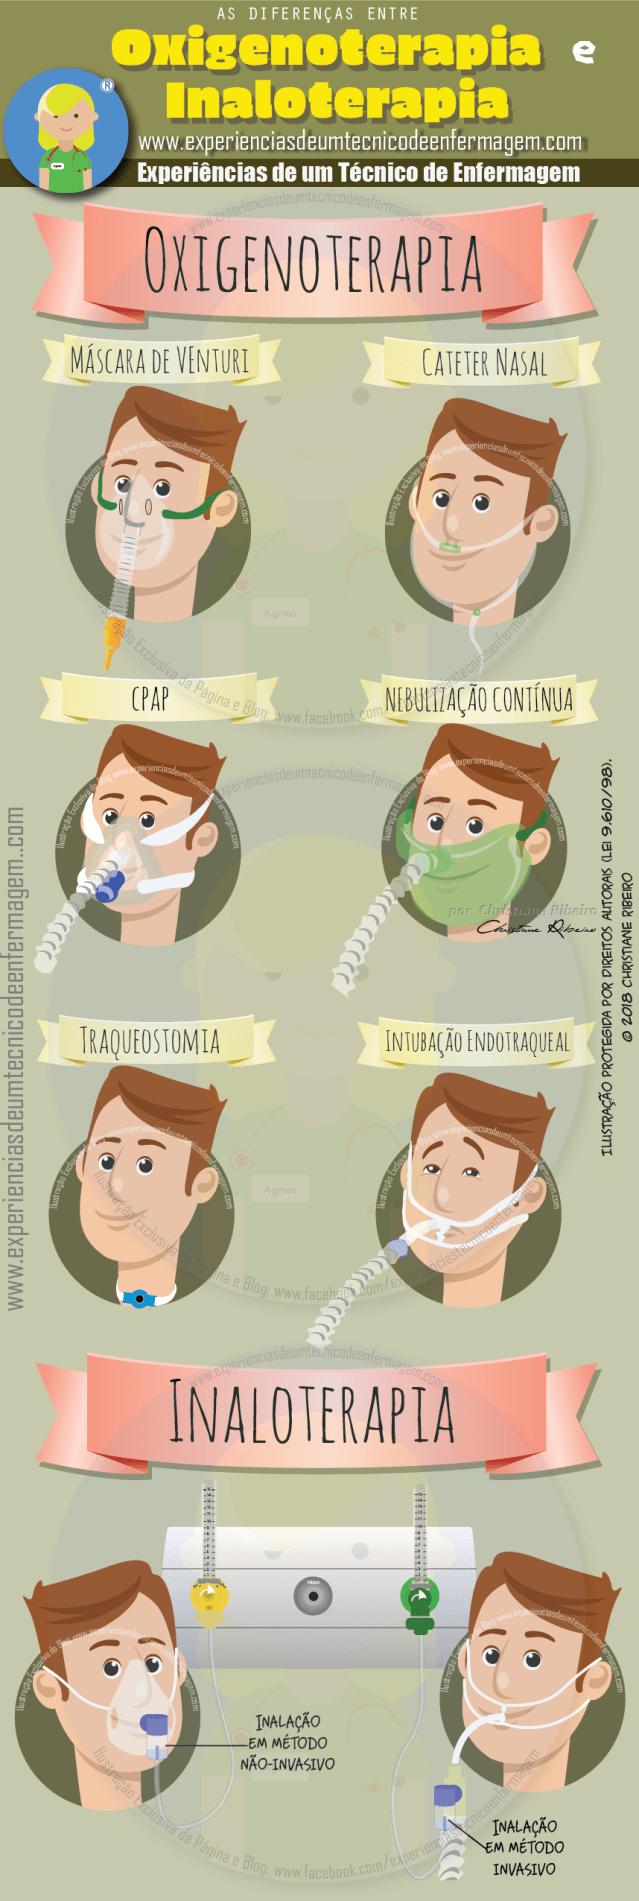 Inaloterapia e Oxigenoterapia